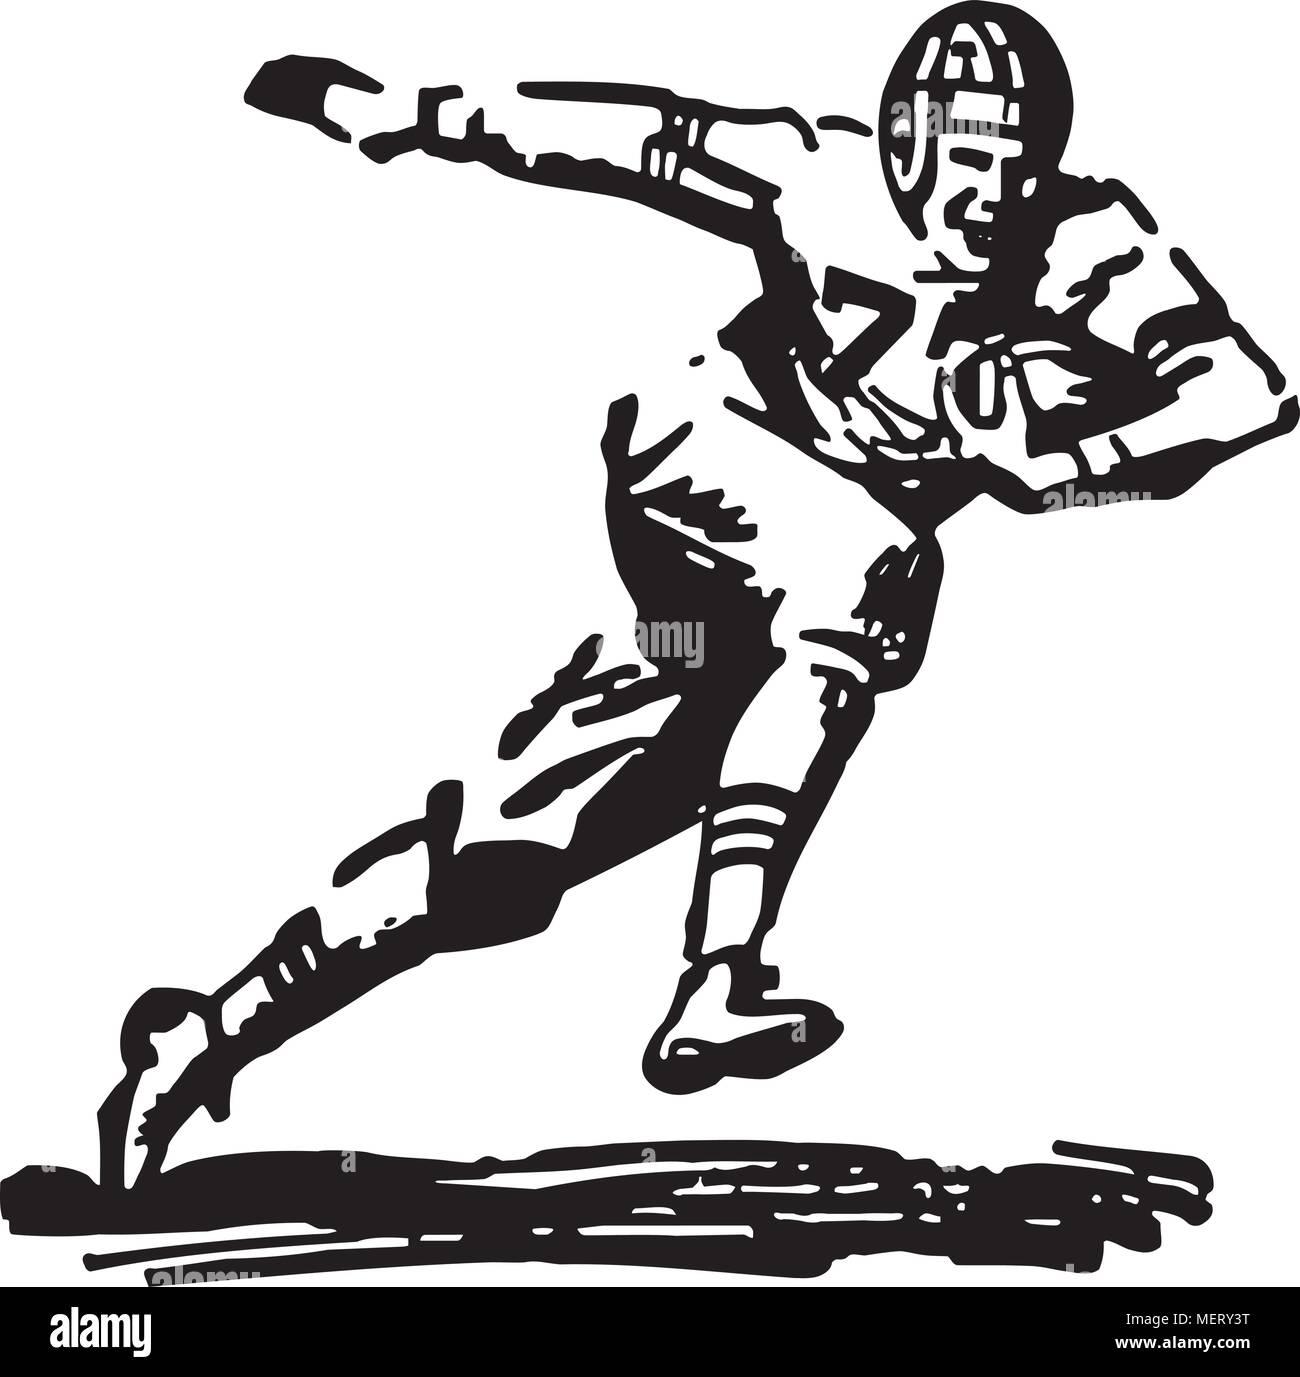 Fussballspieler Mit Ball Retro Clipart Illustration Vektor